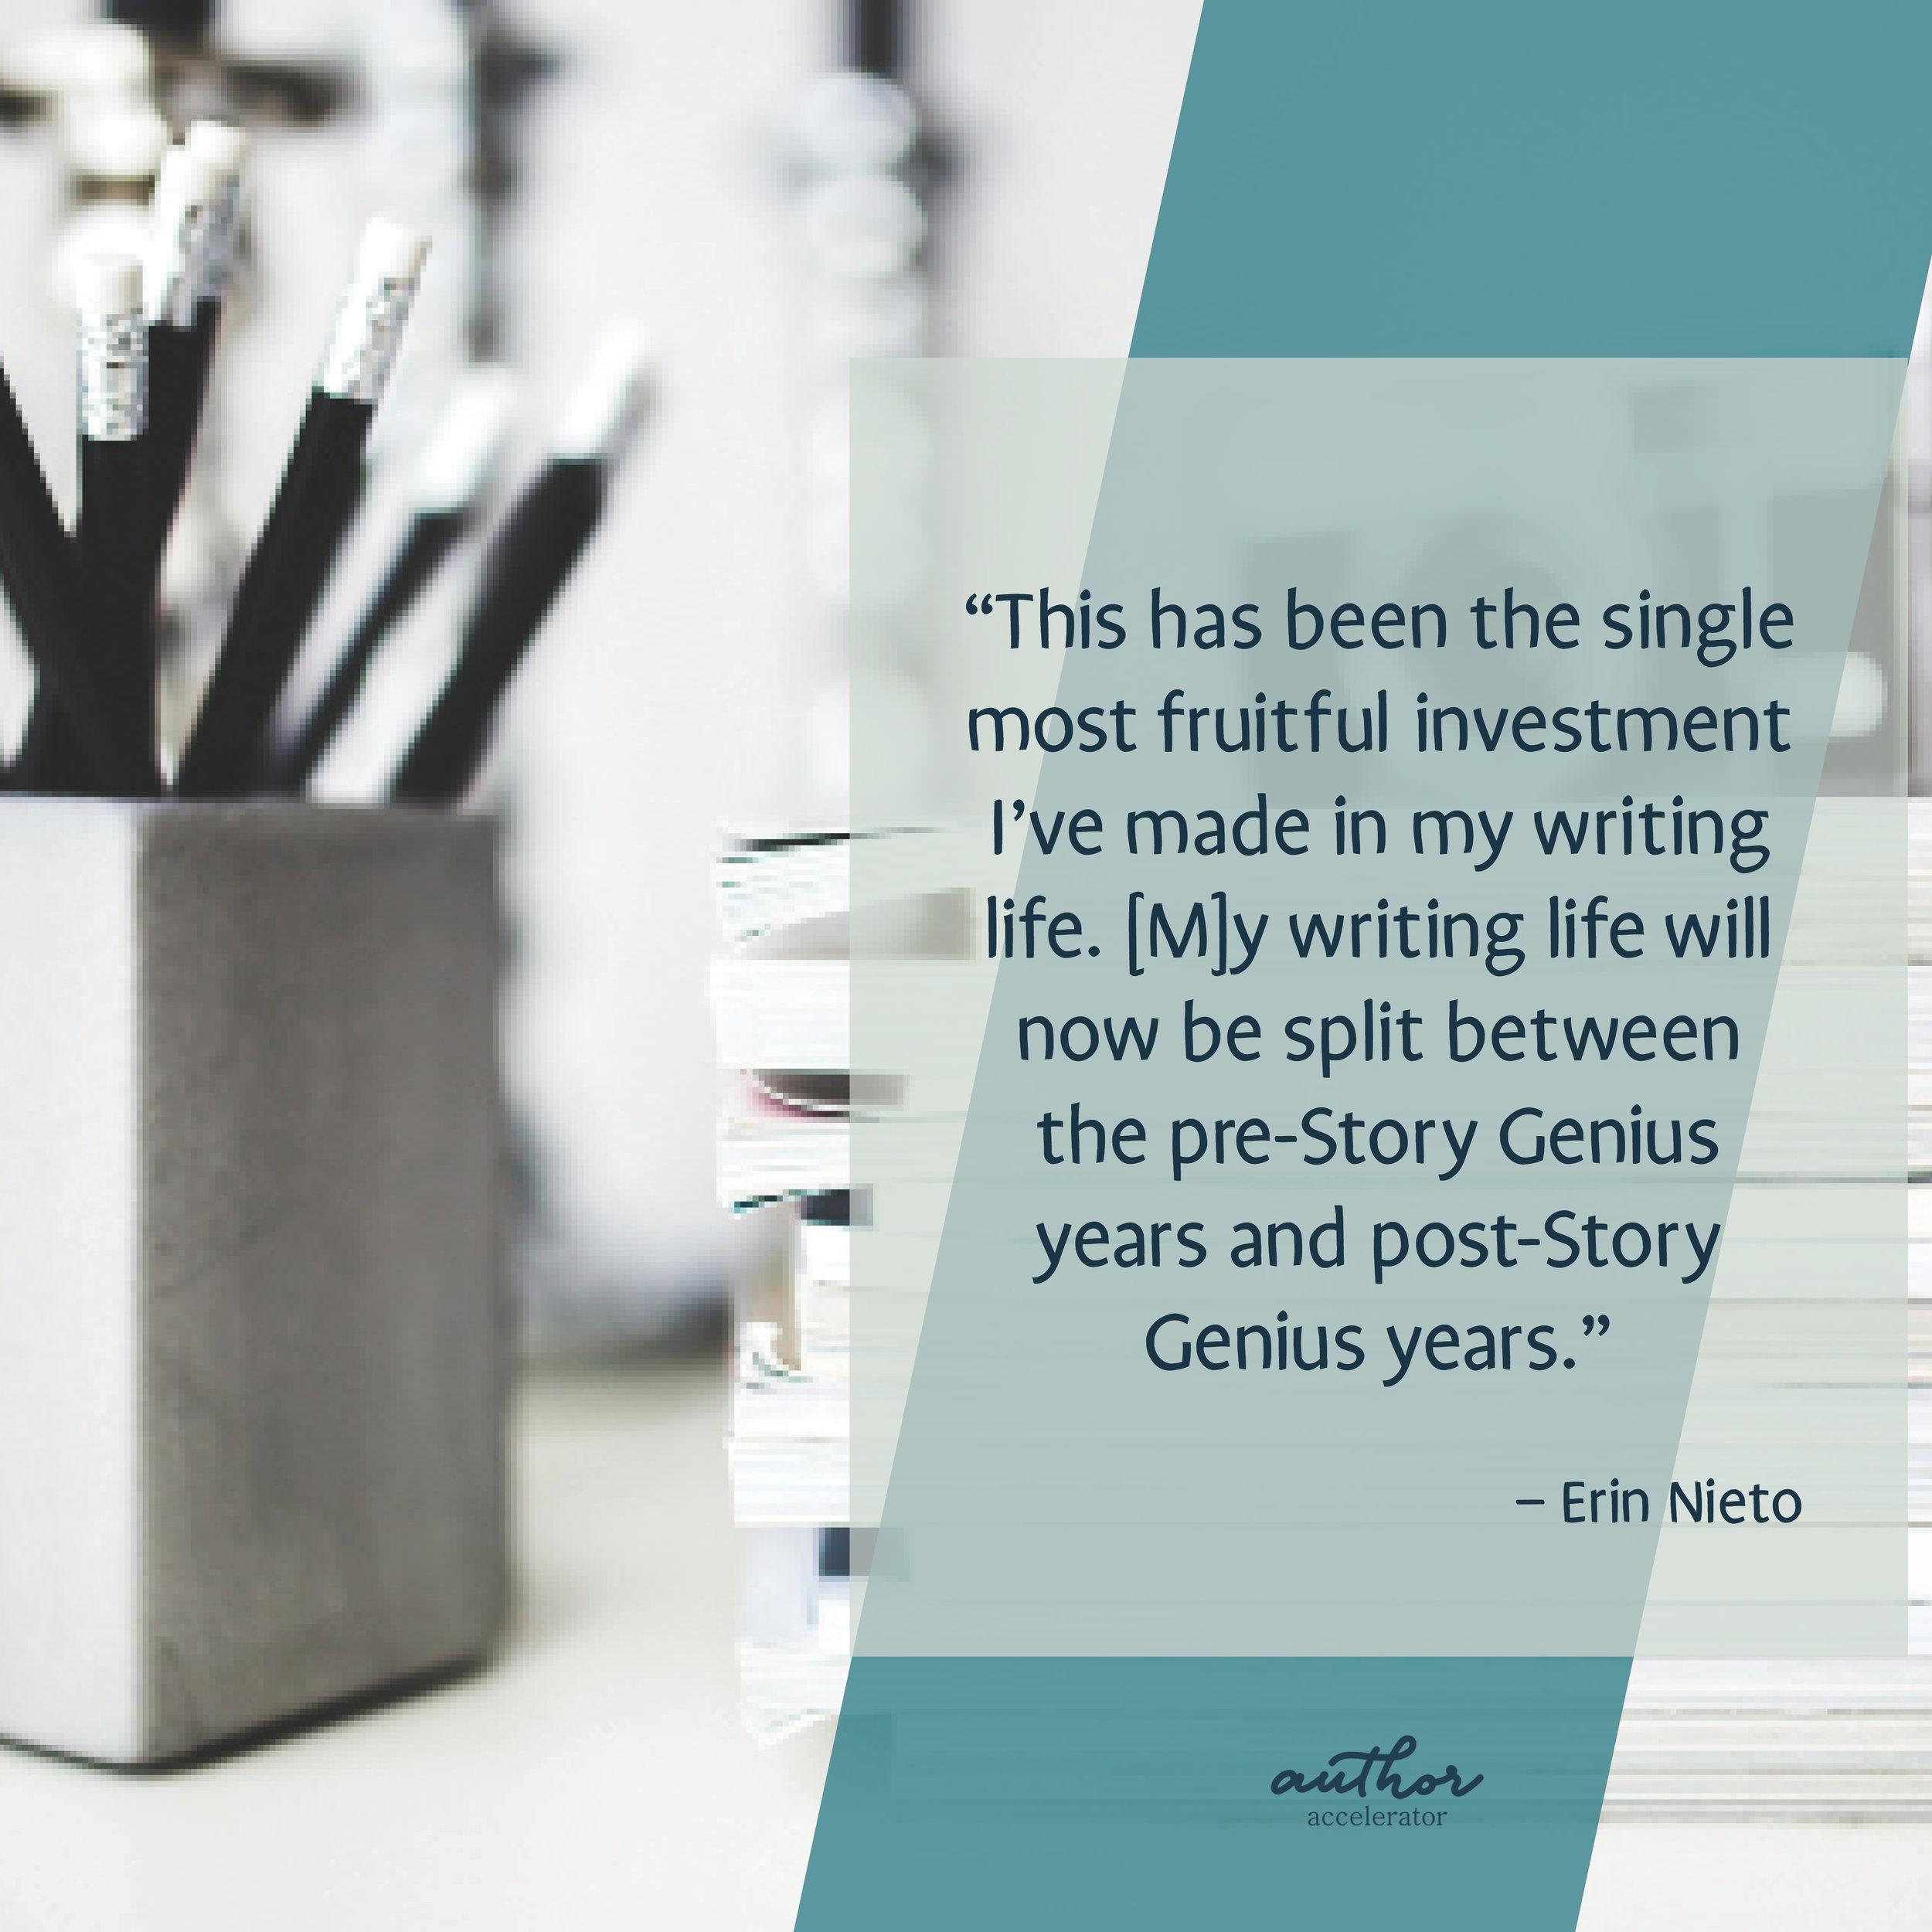 story_genius_erin_nieto.jpg